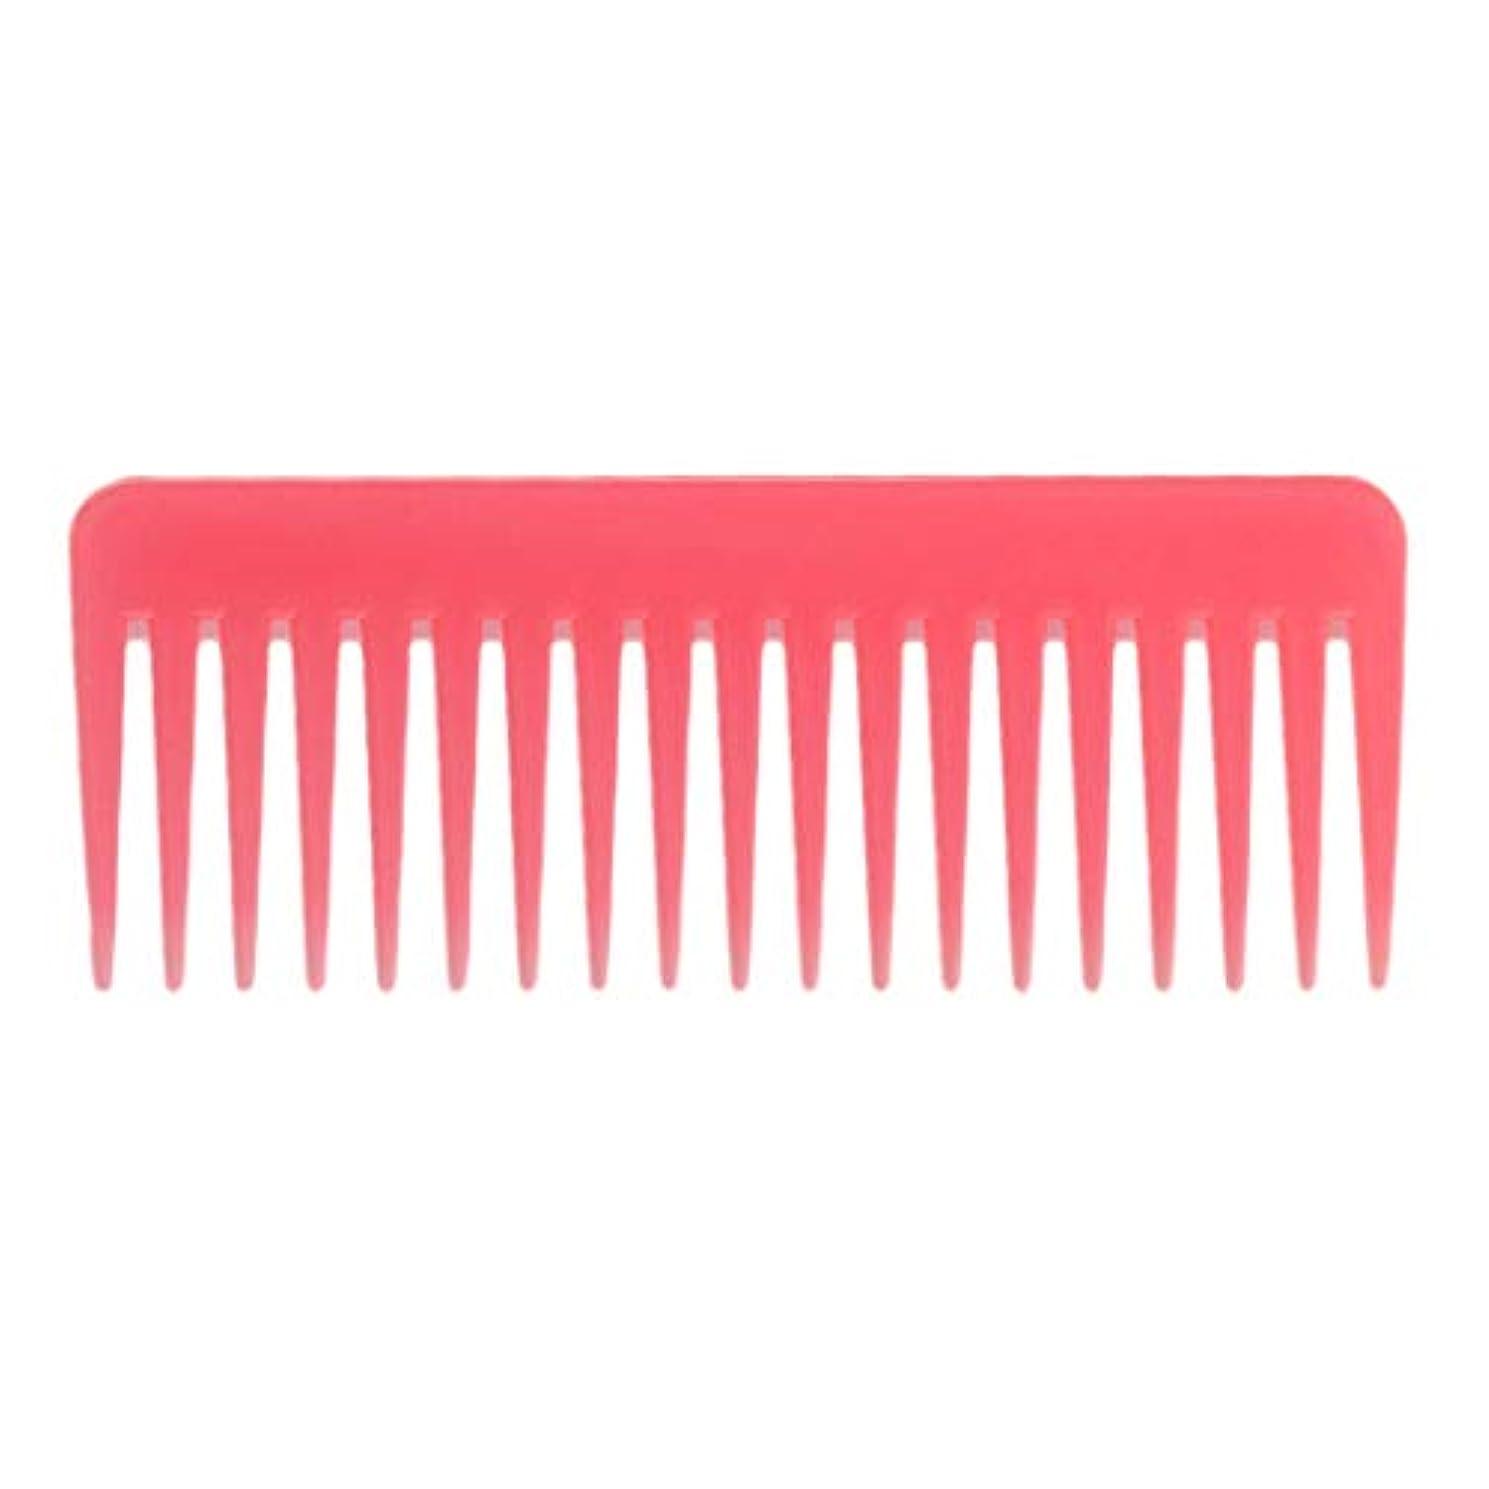 貧しいスリップ机巻き毛の太い髪用の広い歯のもつれのくしサロンシャンプーヘアブラシくし、6.1 ' - ピンク